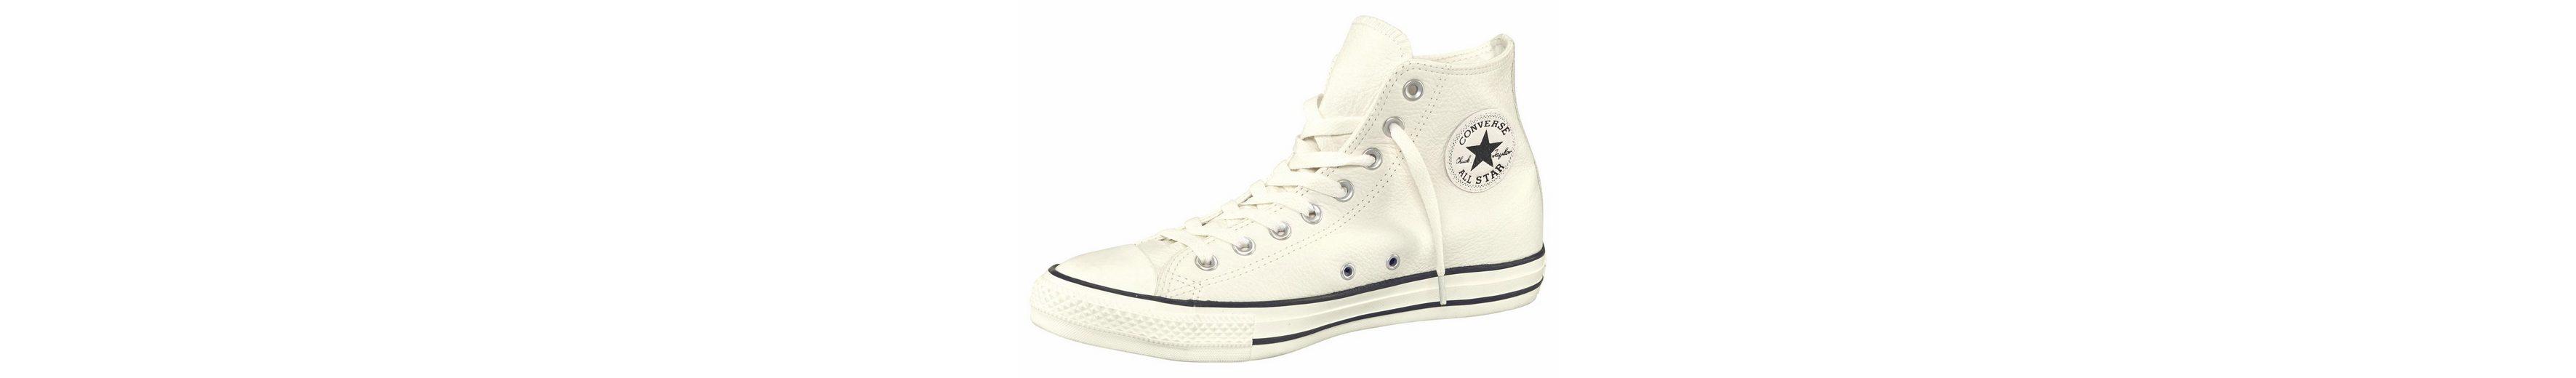 Online-Verkauf Converse Chuck Taylor All Star Hi W Sneaker Mode Günstig Online Kaufen Billig Authentisch Footaction Zum Verkauf Günstige Manchester-Großer Verkauf 43pPUBXZ